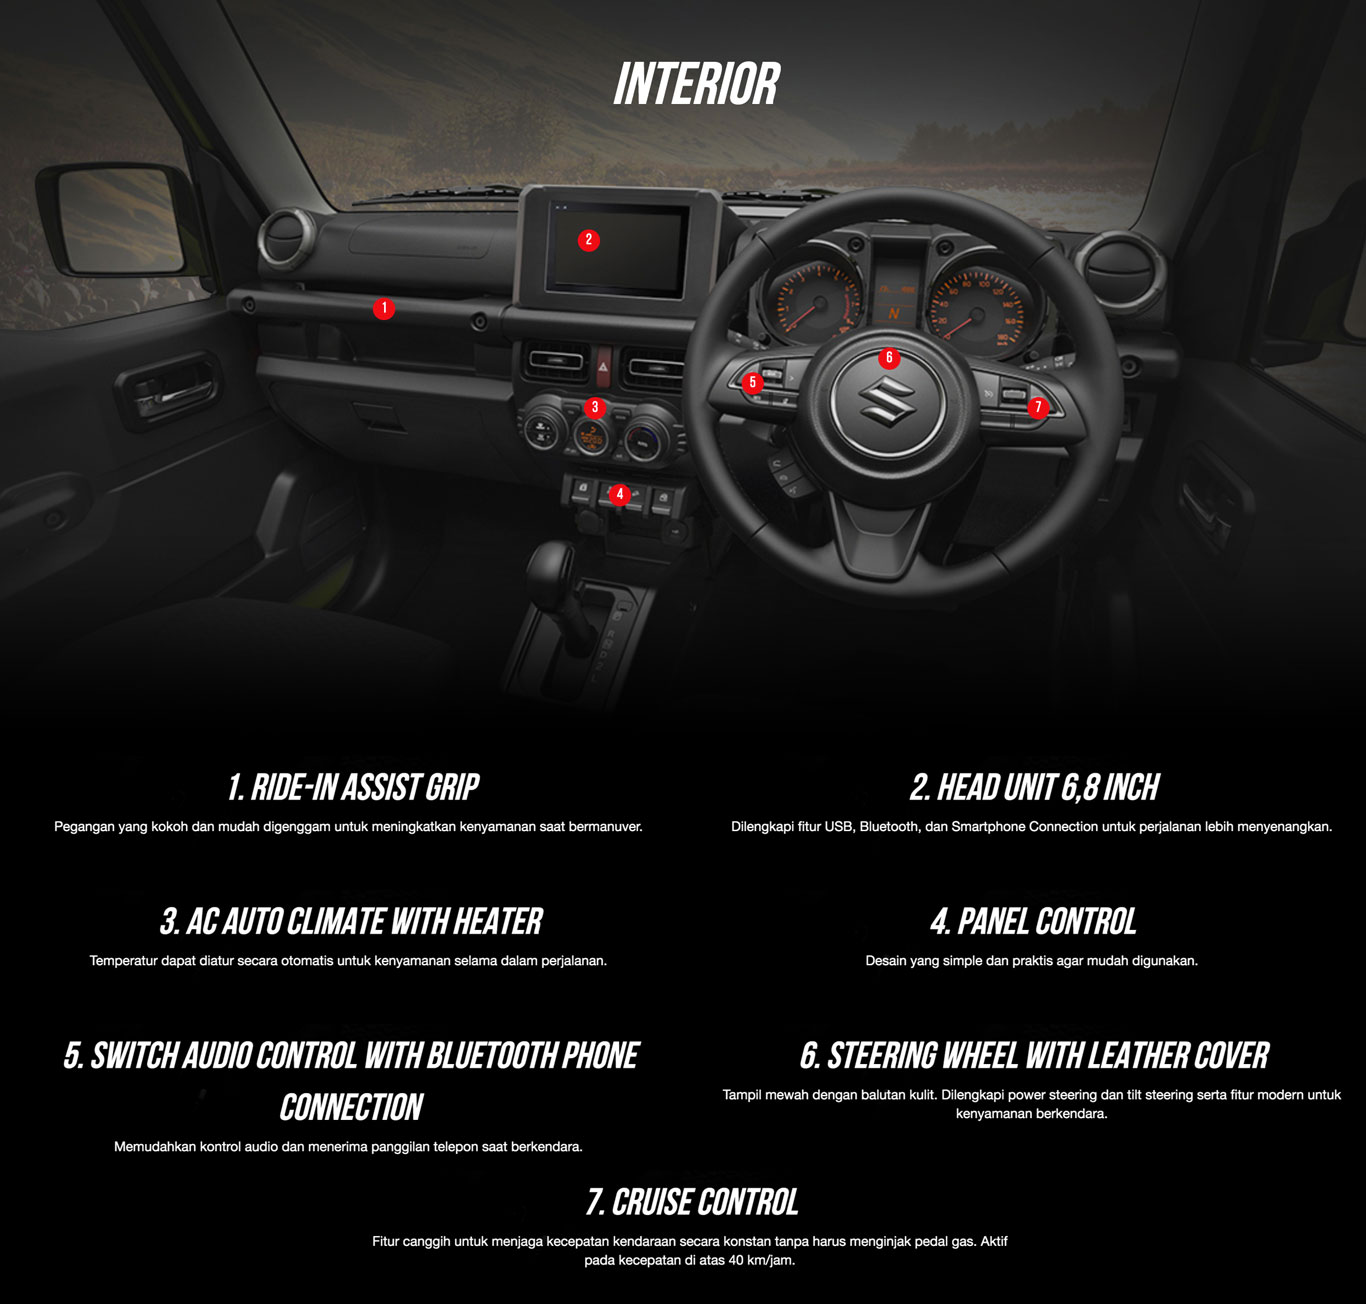 Jimny-interior